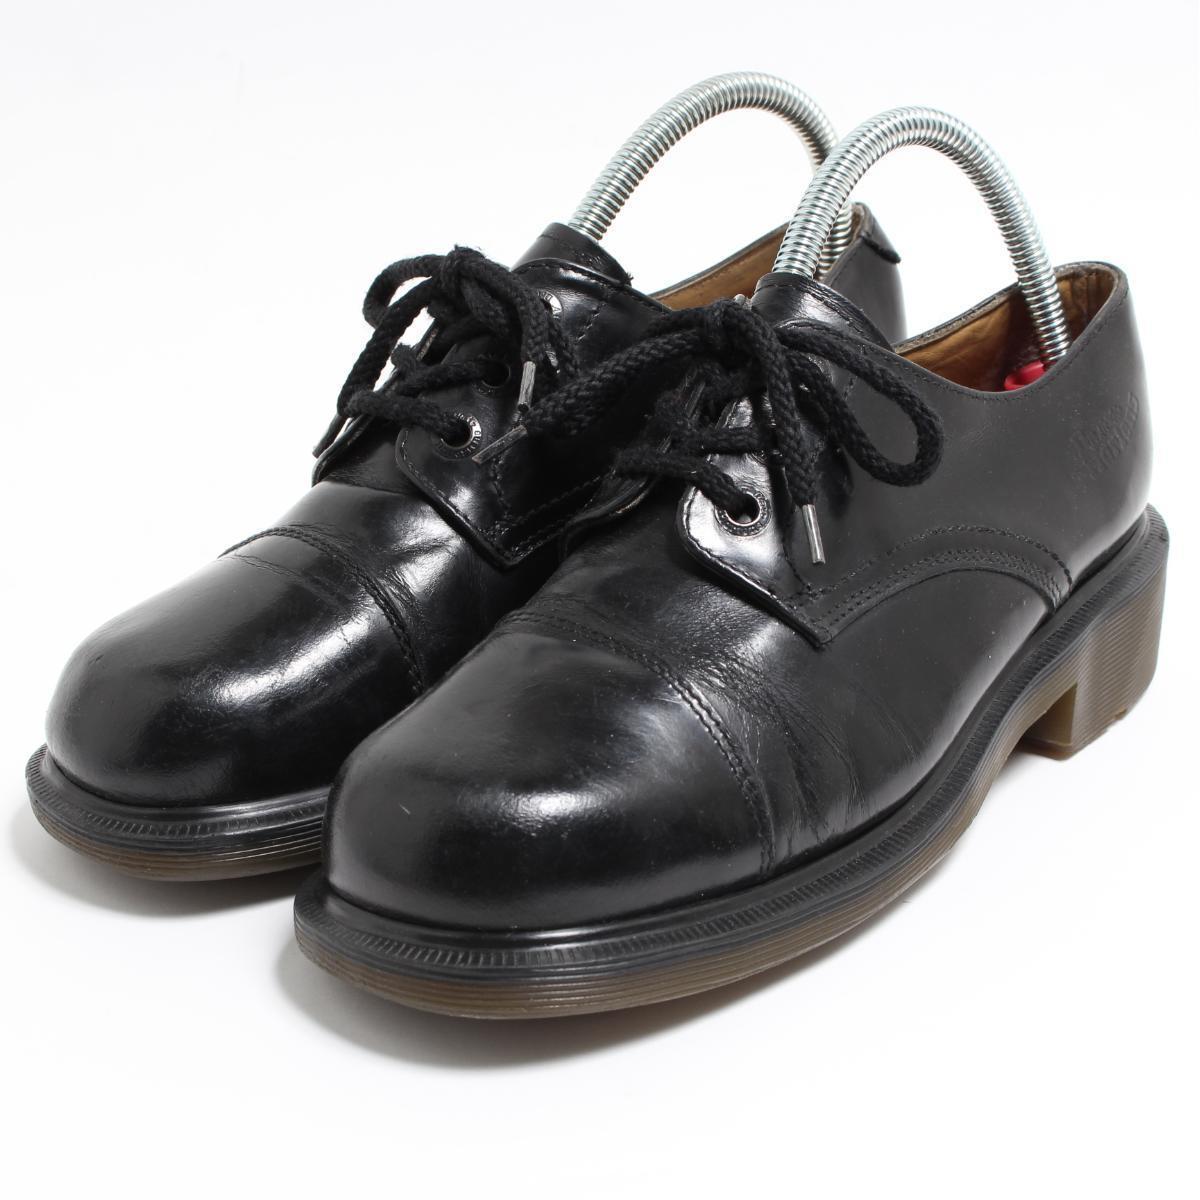 ドクターマーチン Dr.Martens 3ホールシューズ 英国製 UK5 レディース23.5cm /bon6869 【中古】 【180903】